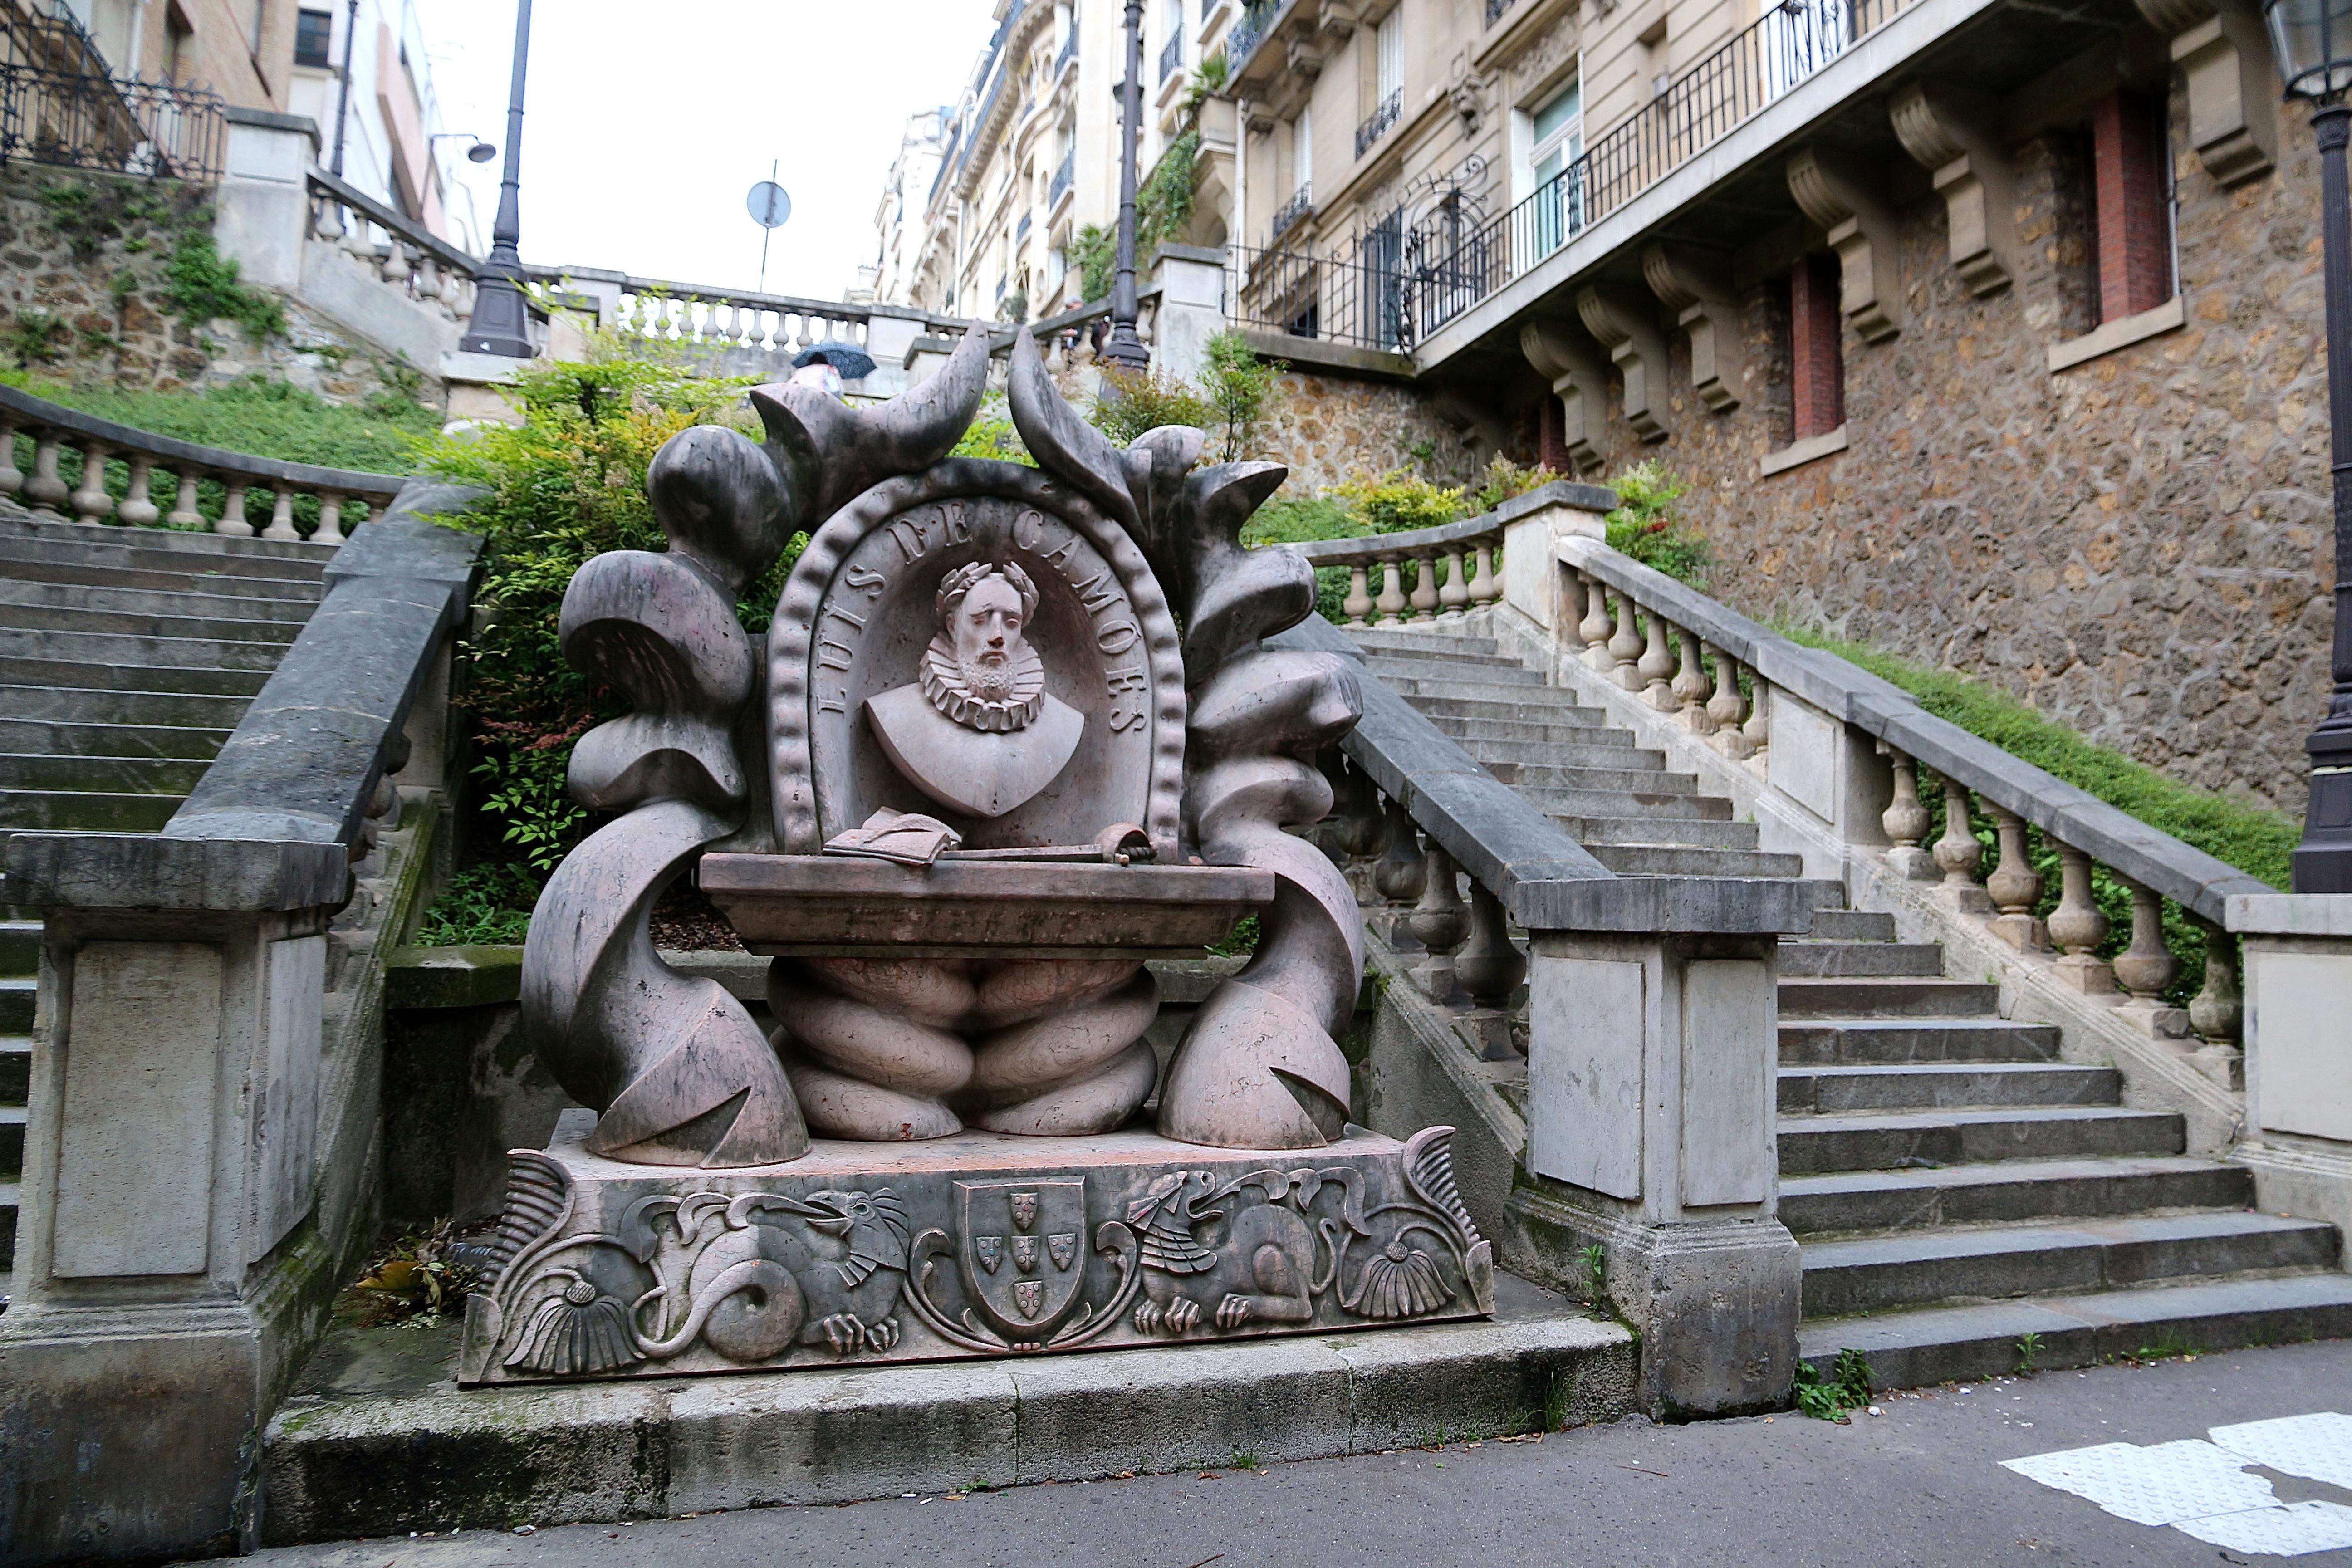 le monument à Luis Vaz de Camoes